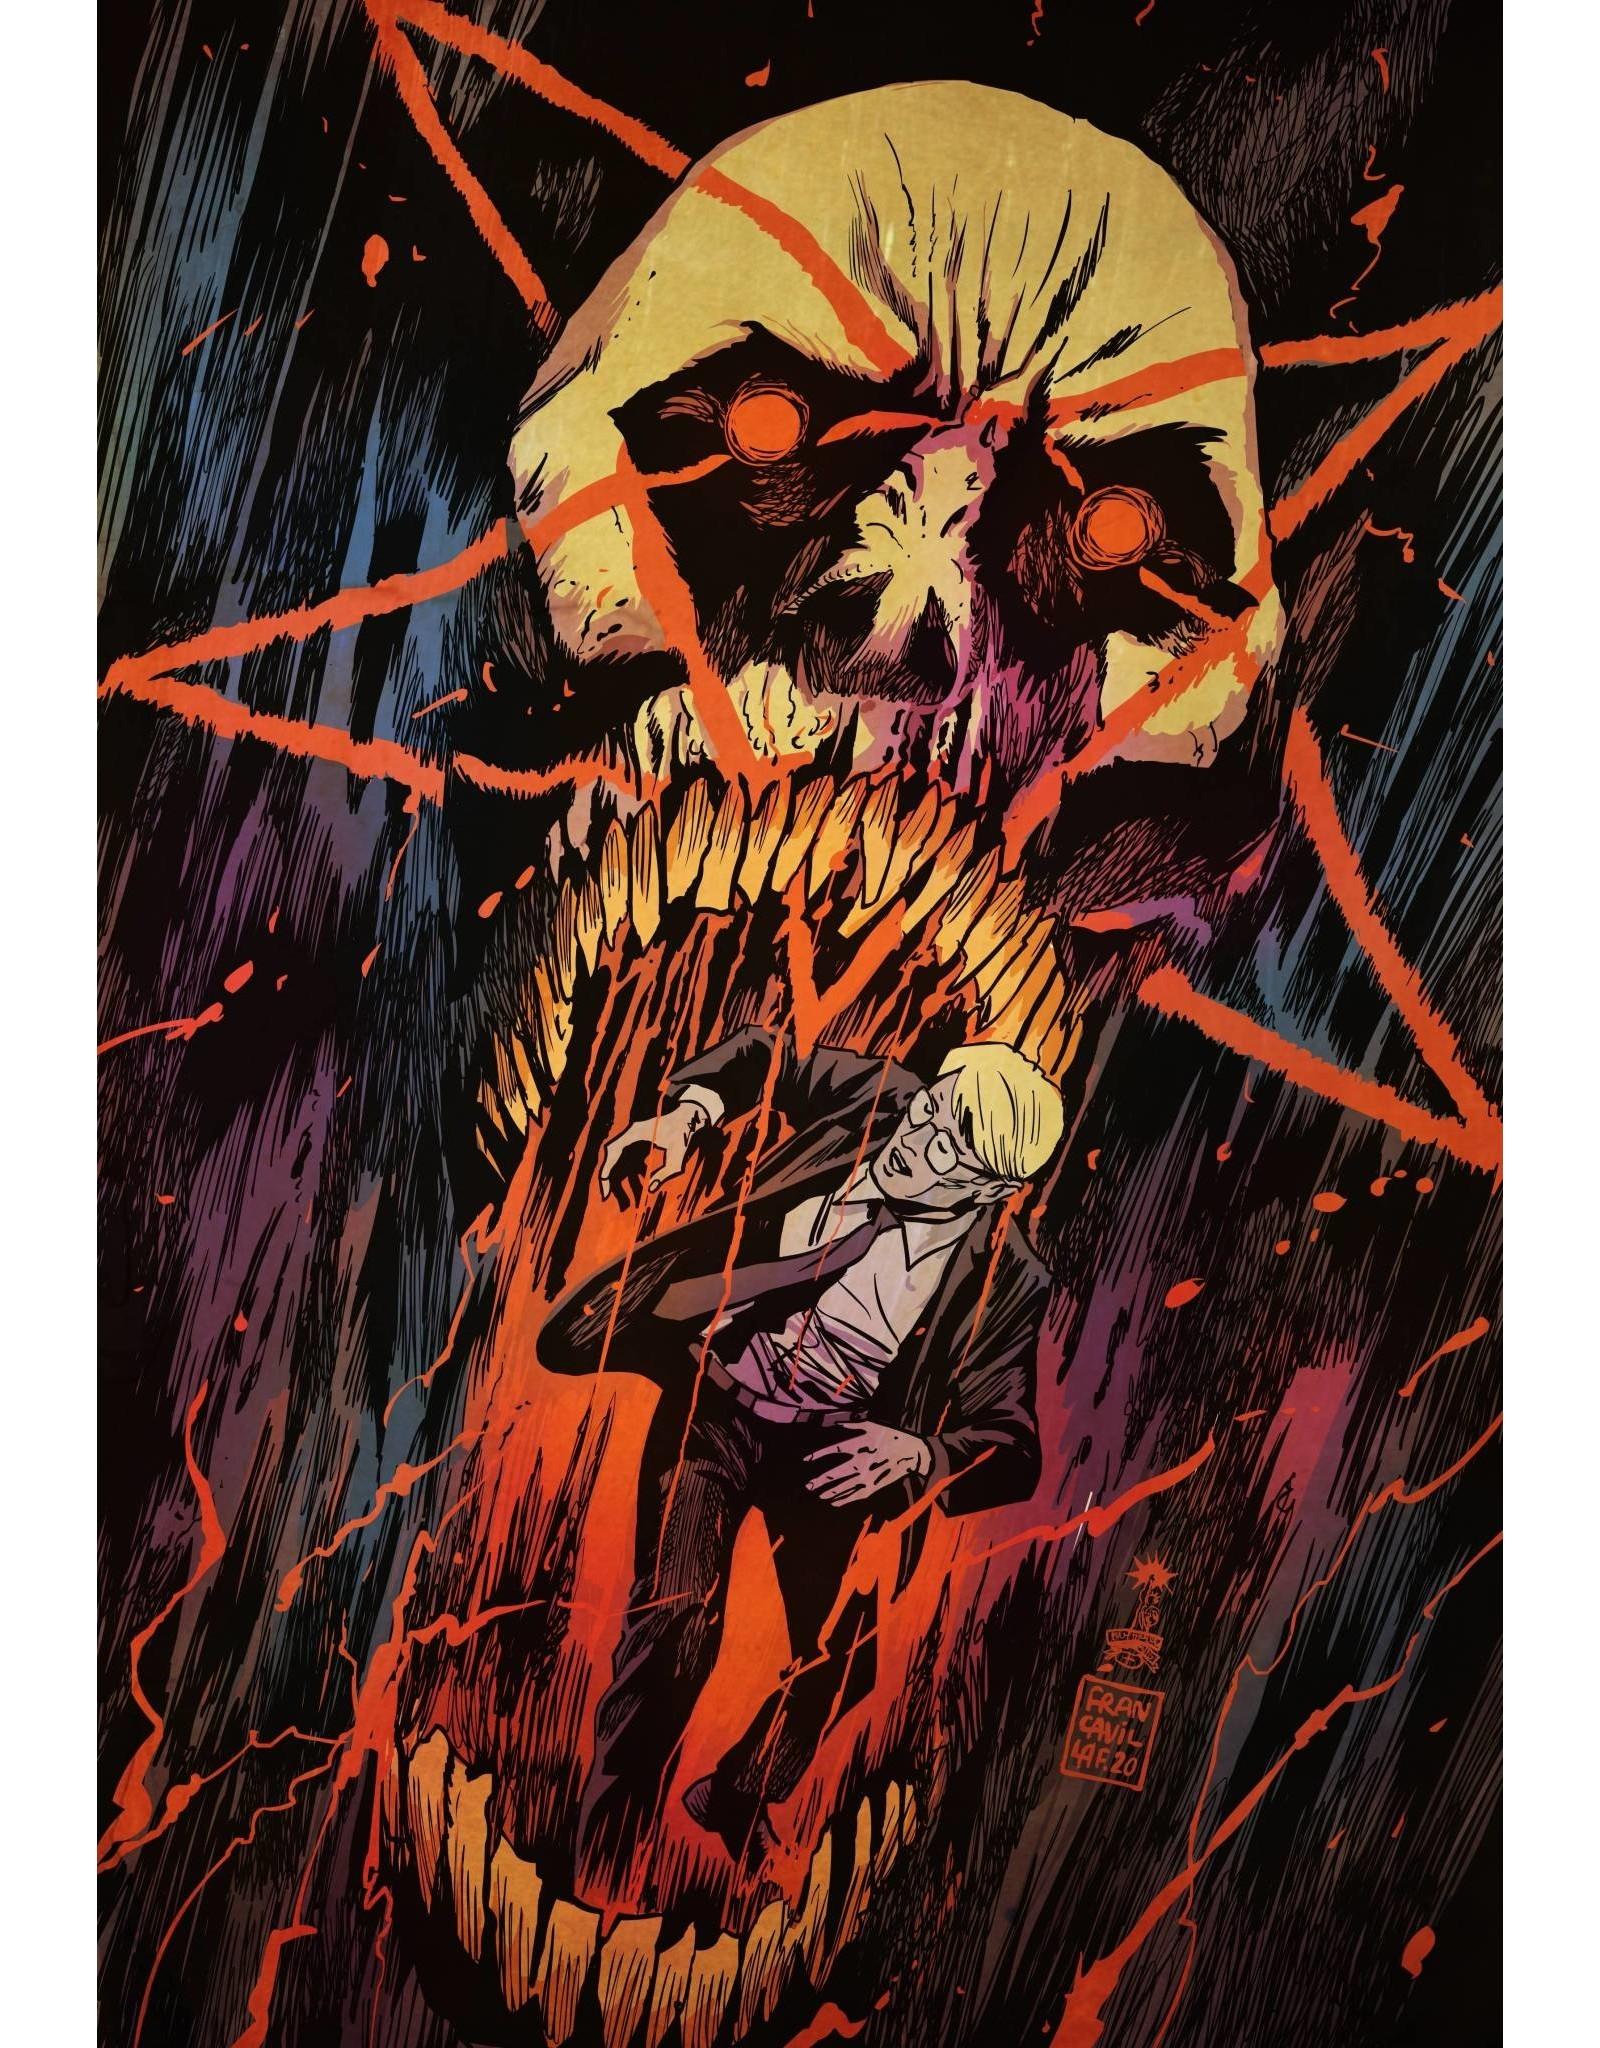 Image Comics DEPARTMENT OF TRUTH #2 10 COPY INCV FRANCAVILLA (MR)